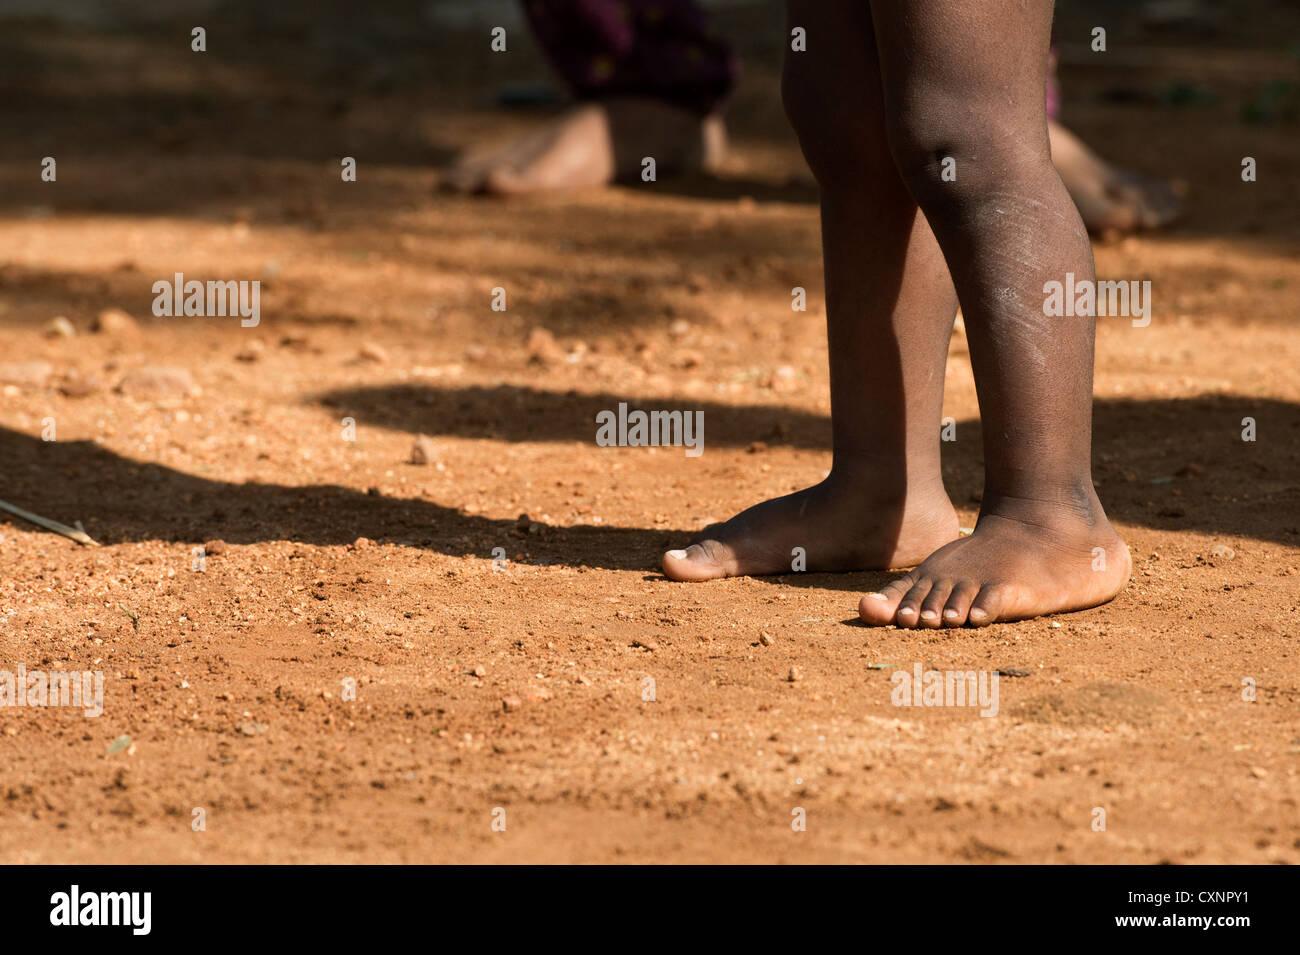 Bambini indiani gambe nude e piedi getta un' ombra sulla terra in un territorio rurale villaggio indiano. Andhra Immagini Stock